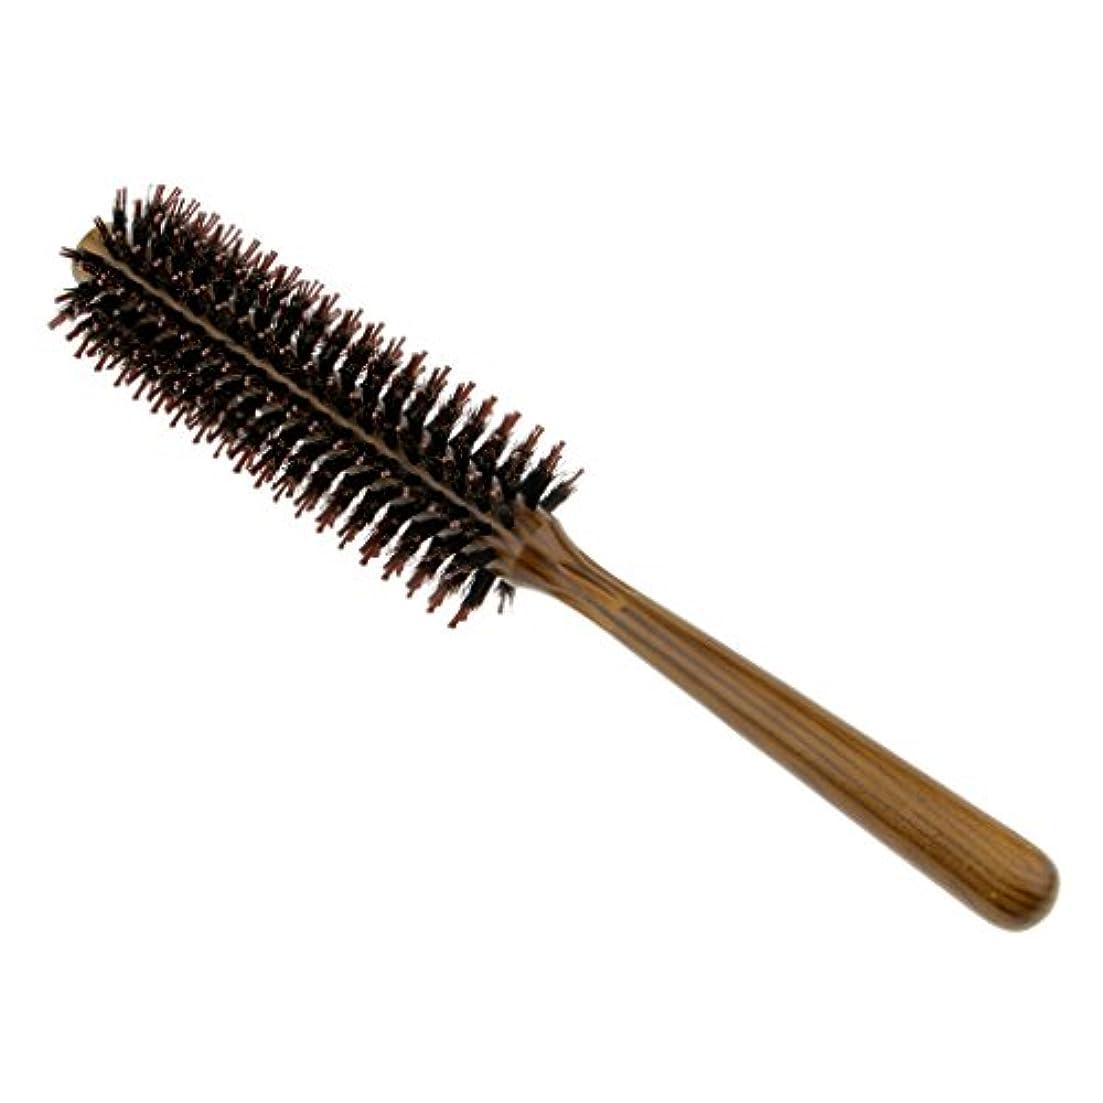 最大のスラック残り物FutuHome サロン剛毛カーリングヘアラウンドブラシバレルヘアスタイリングコームヘアブラシ - S